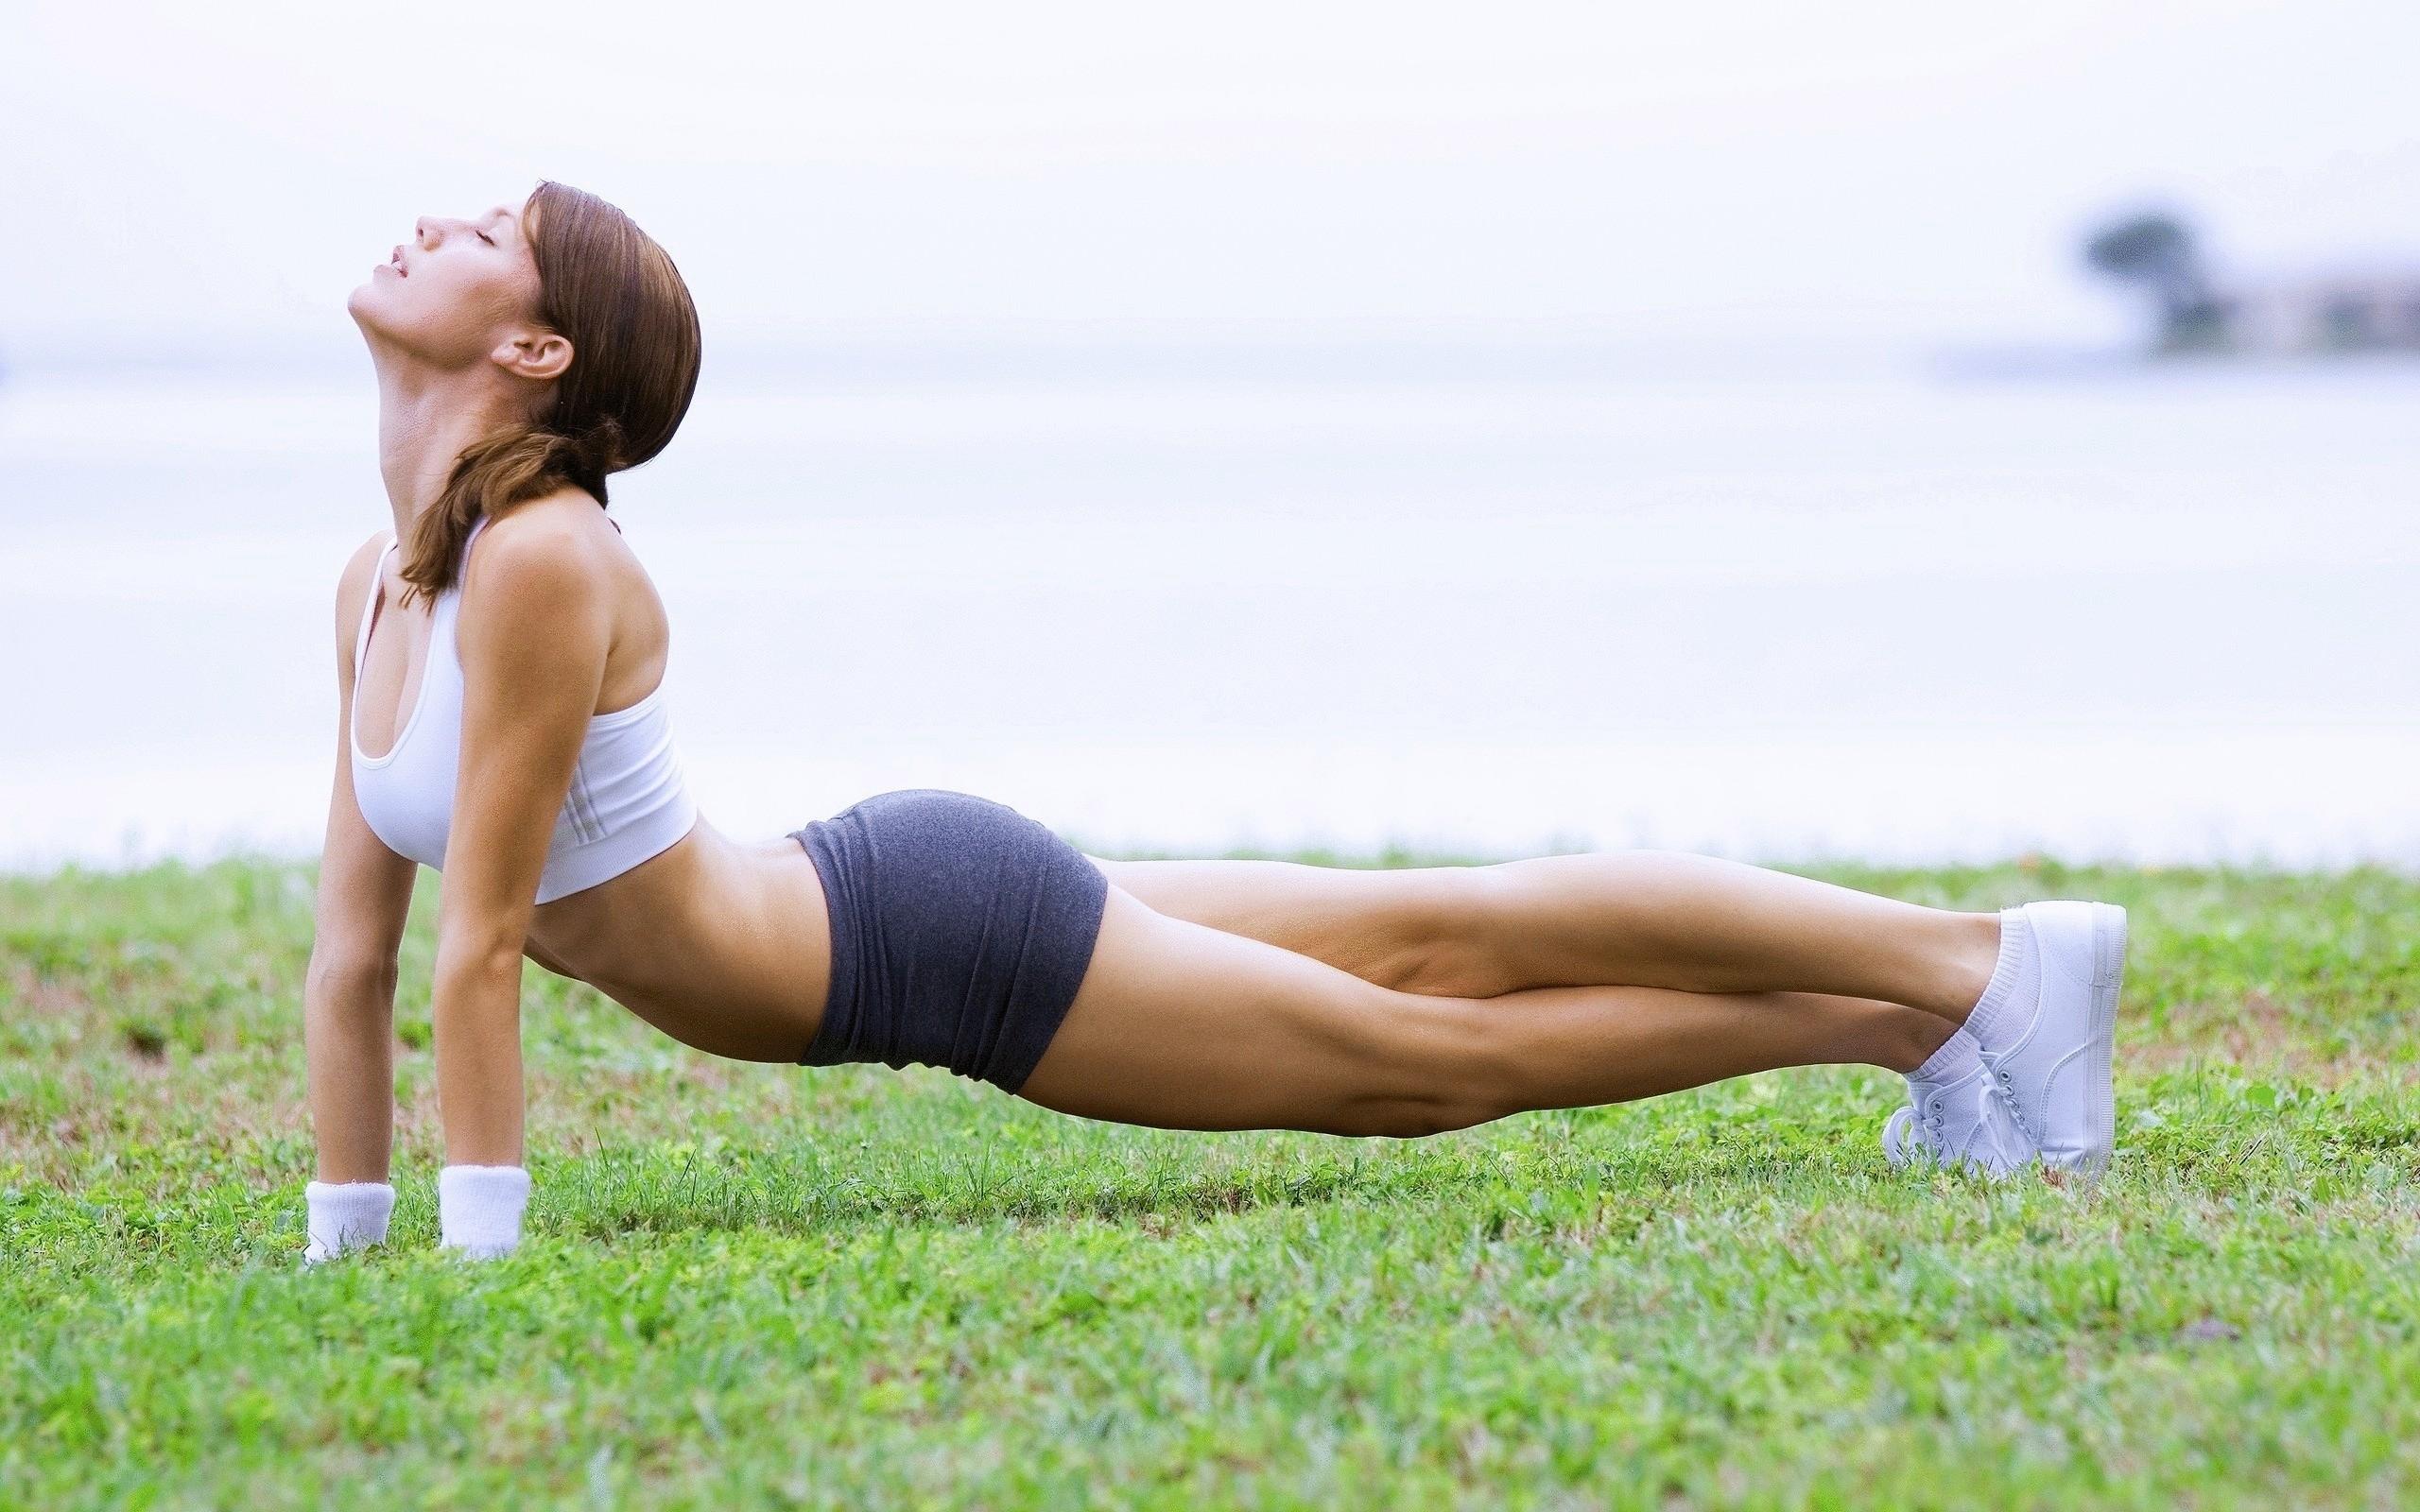 метод похудения без диет